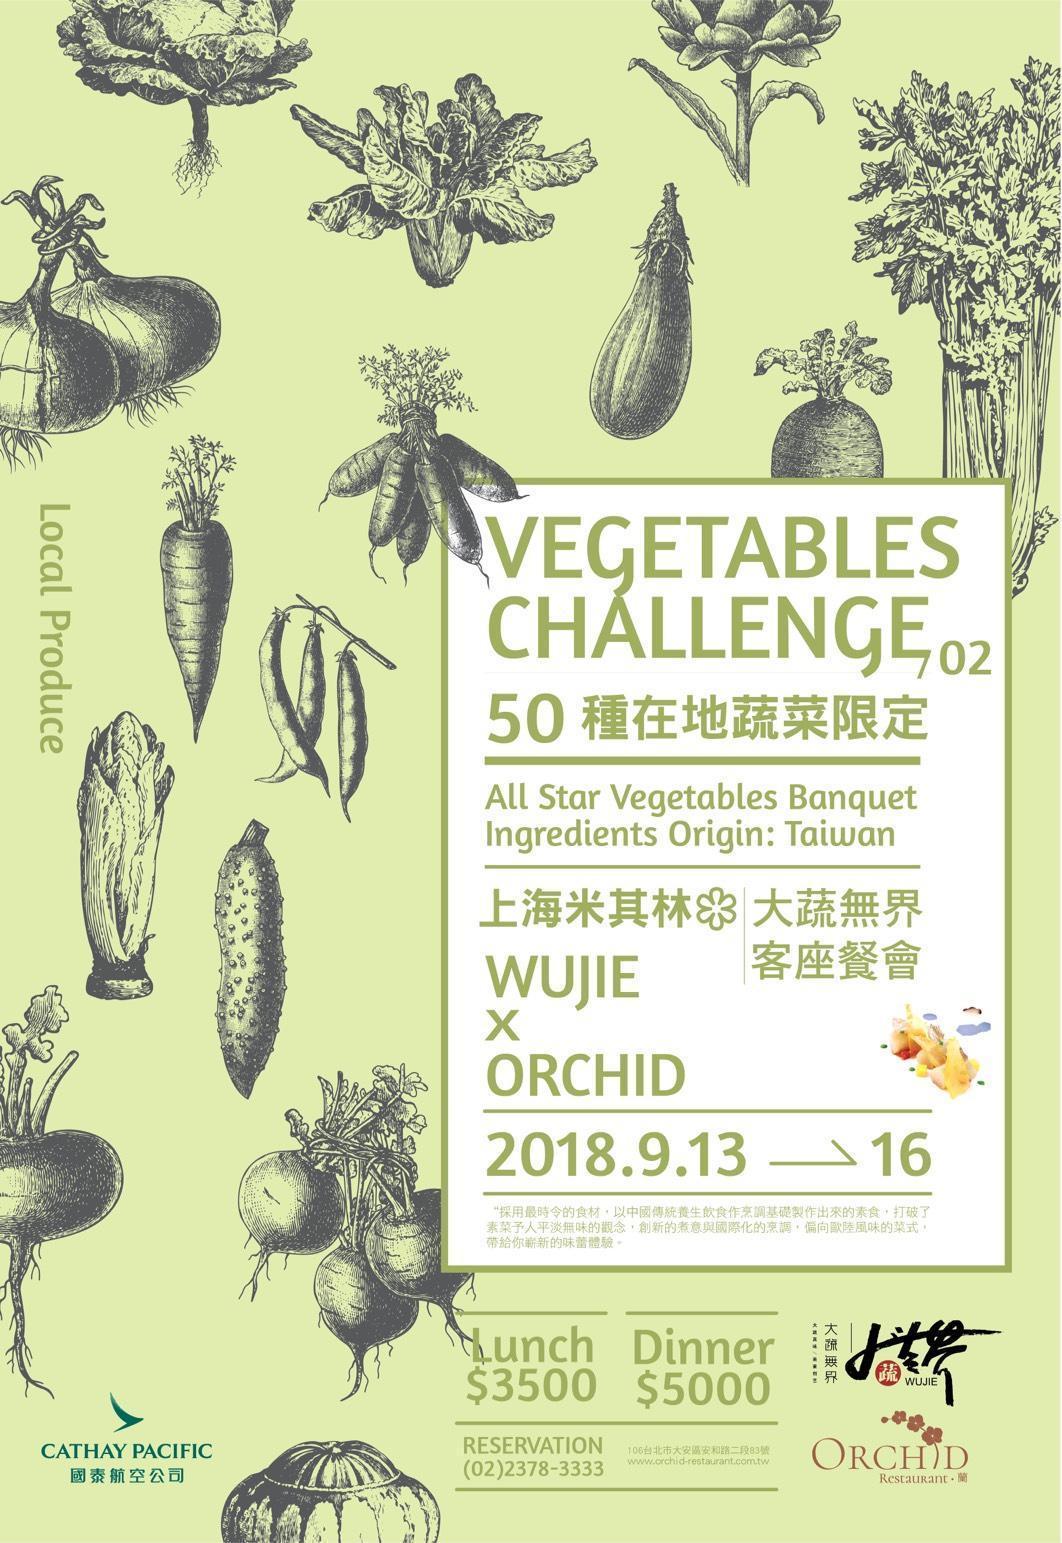 「蘭餐廳」與「大蔬無界」四手餐會將於9月13日至16日限時推出。(「Orchid Restaurant 蘭」提供)